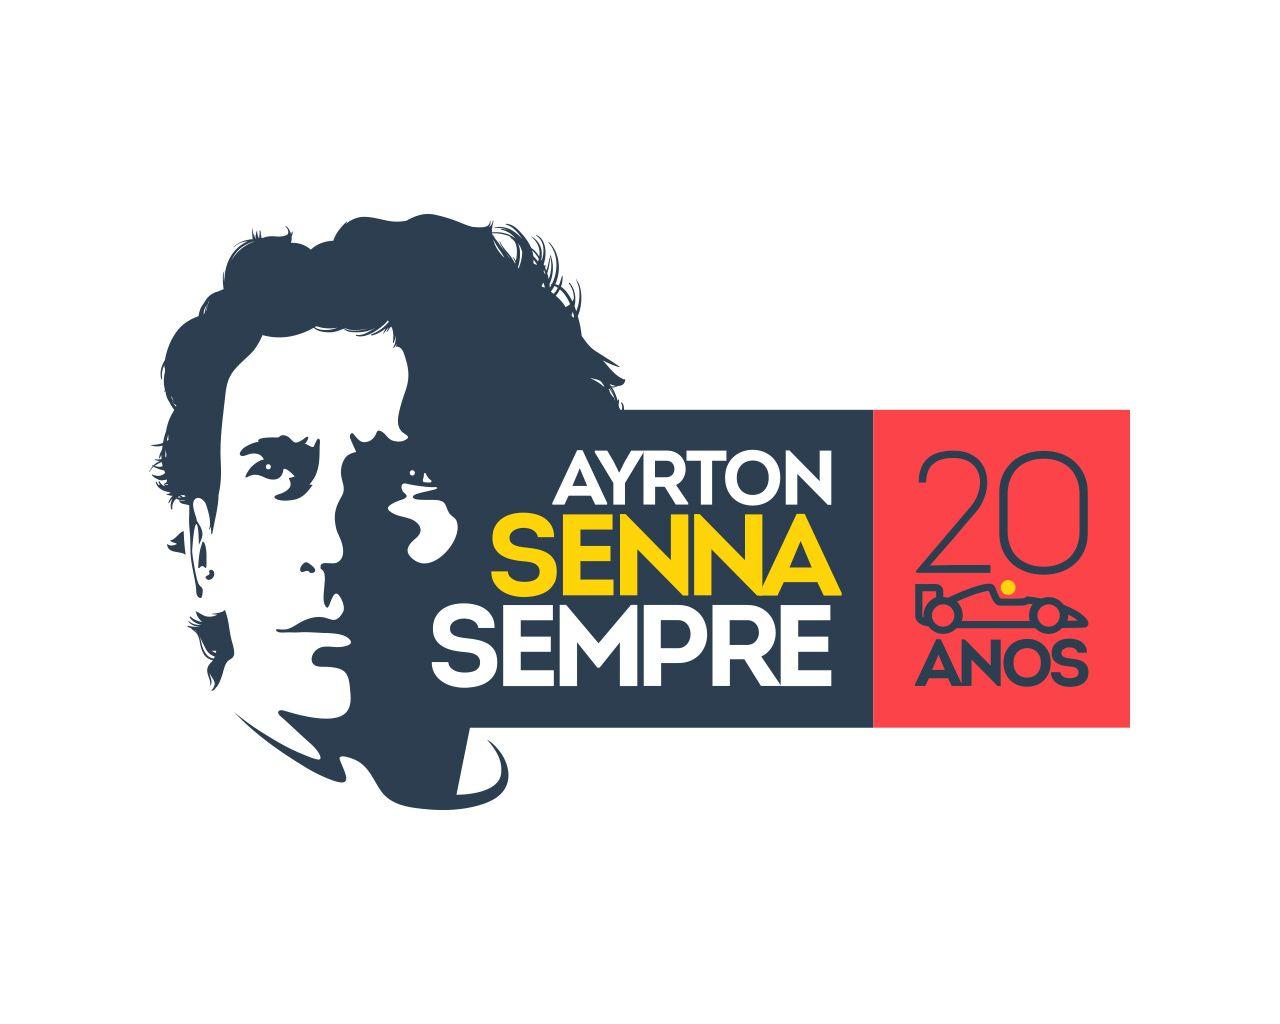 PlusPng pluspng.com ayrton senna logo PlusPng pluspng.com - Ayrton Senna S Logo PNG . - Ayrton Senna S PNG